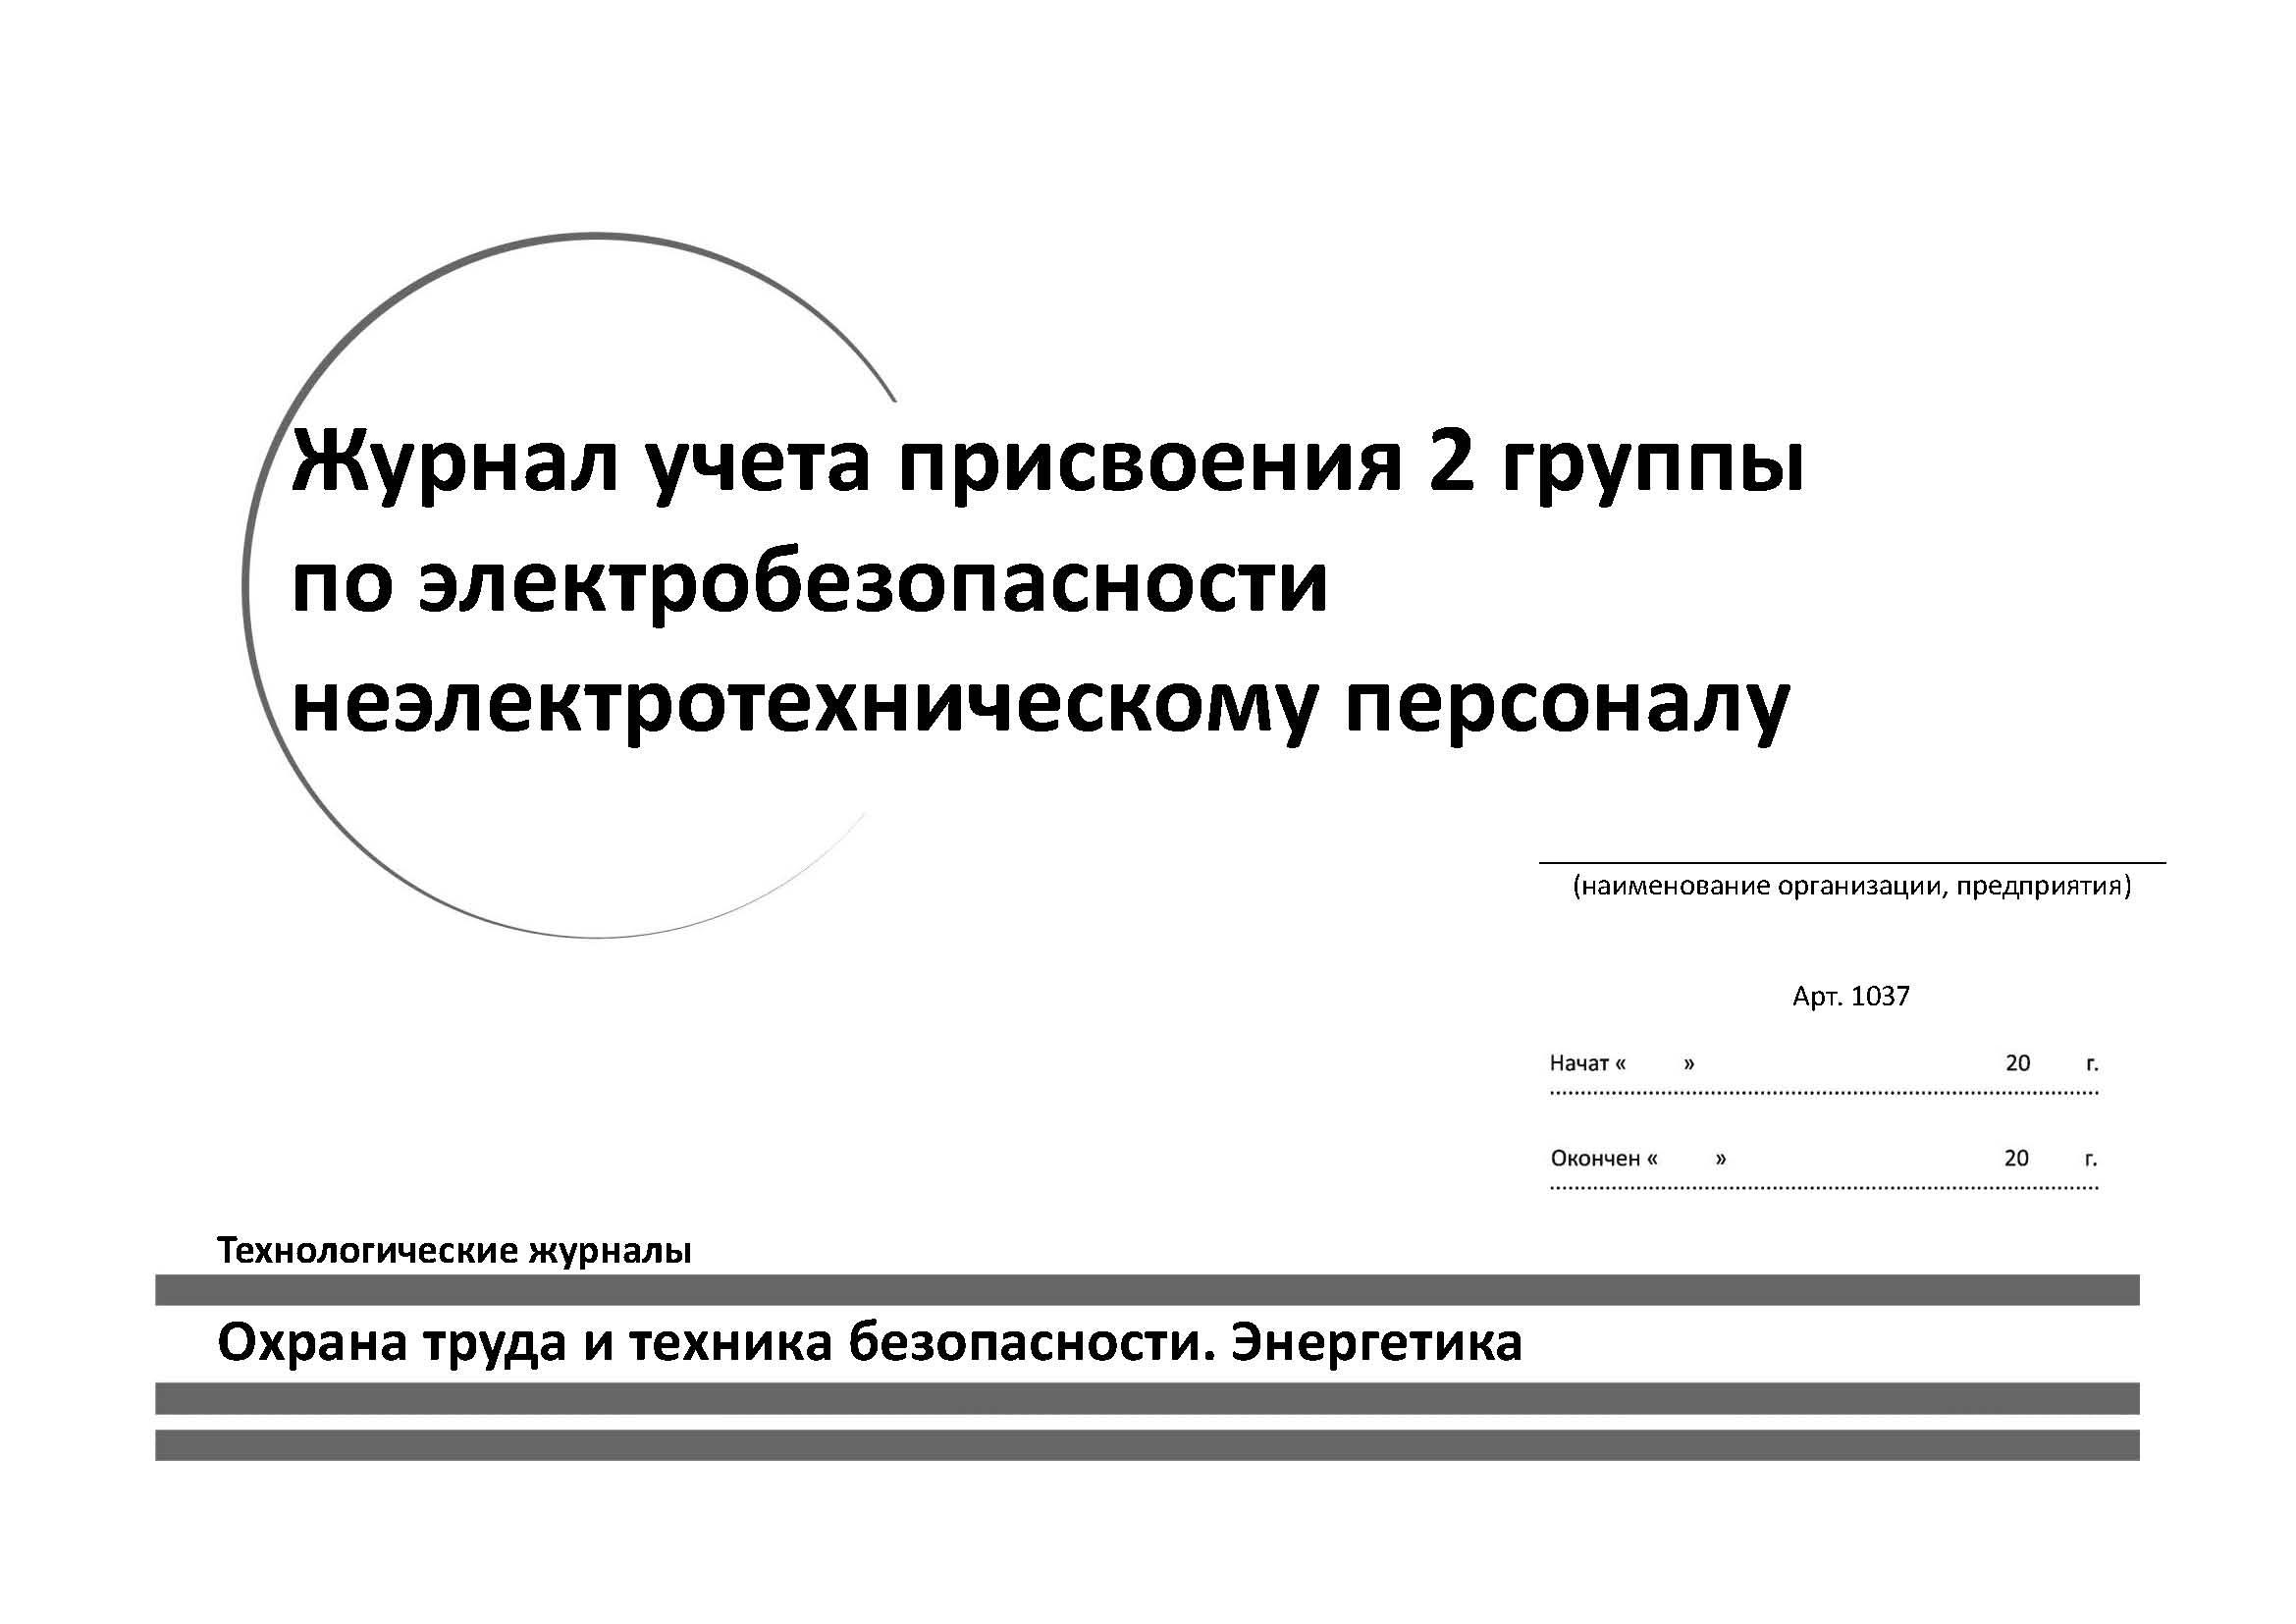 Журнал присвоение 2 группы электробезопасность удостоверение сварщика по электробезопасности